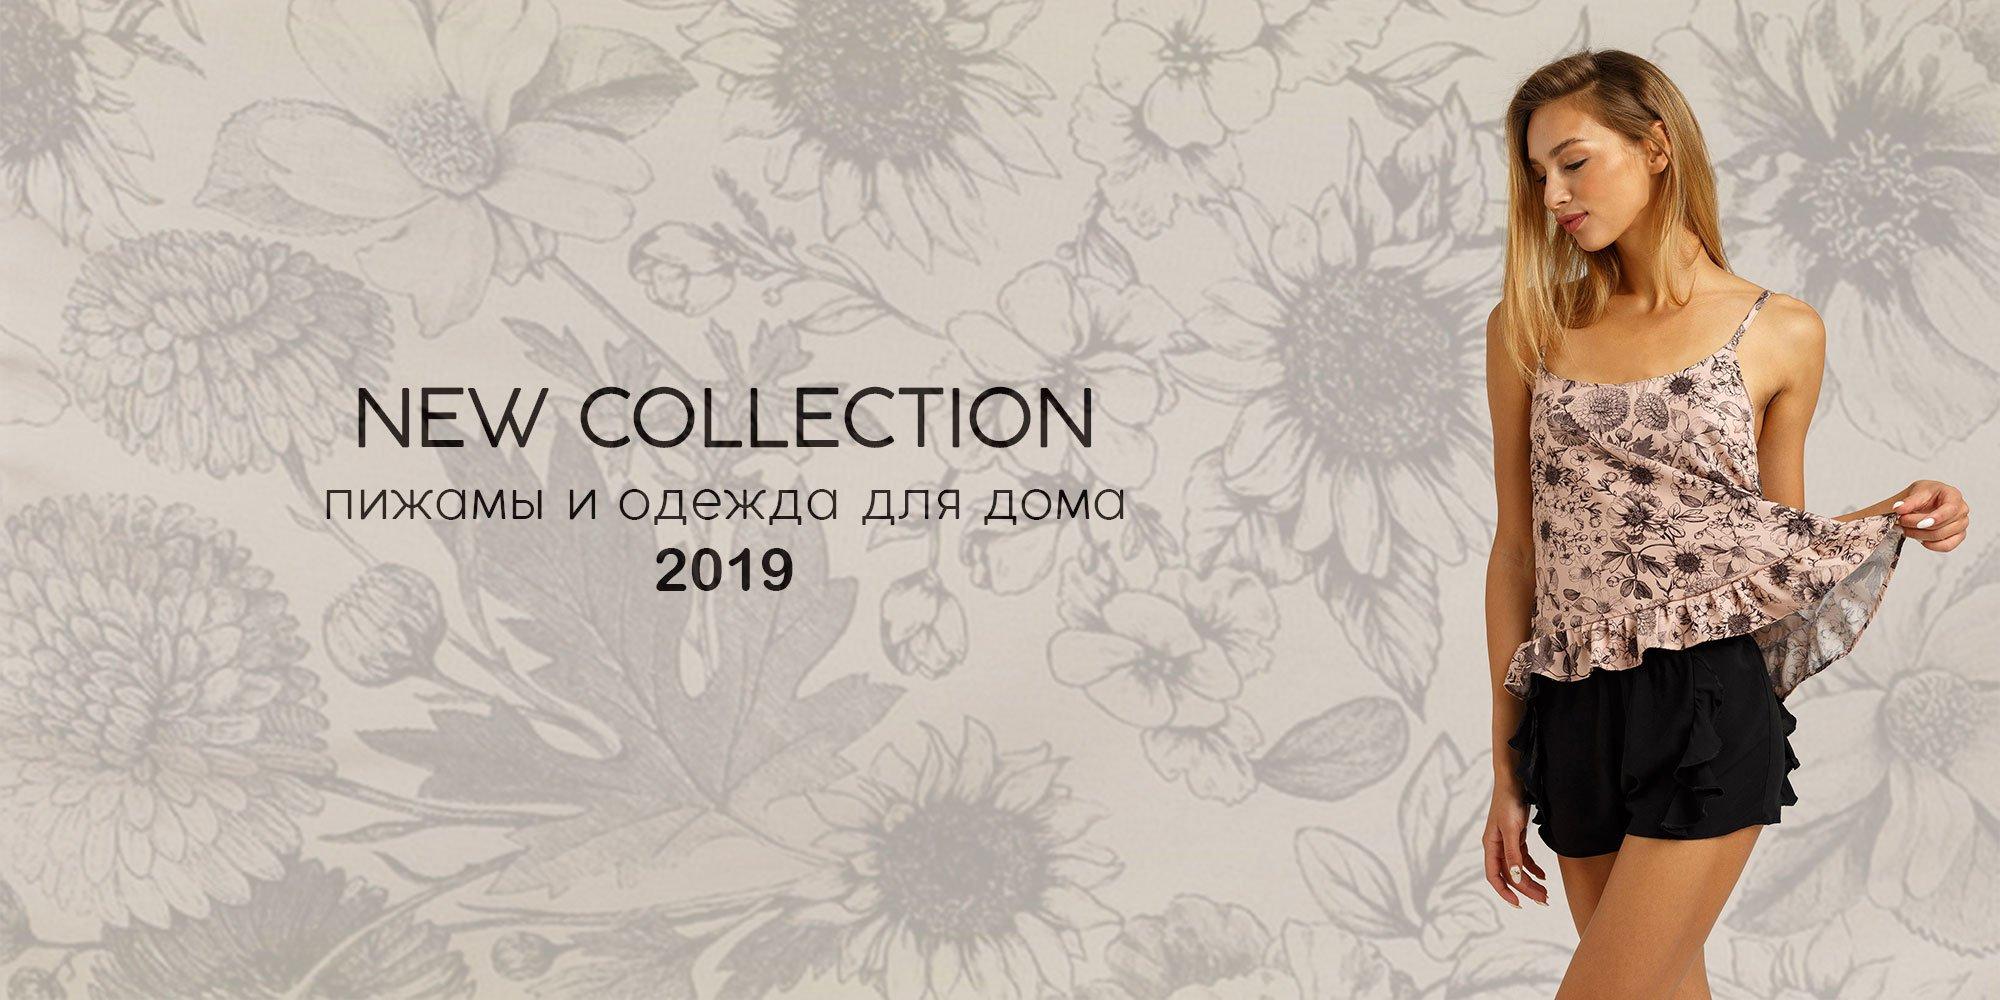 Новая коллекция пижам 2019